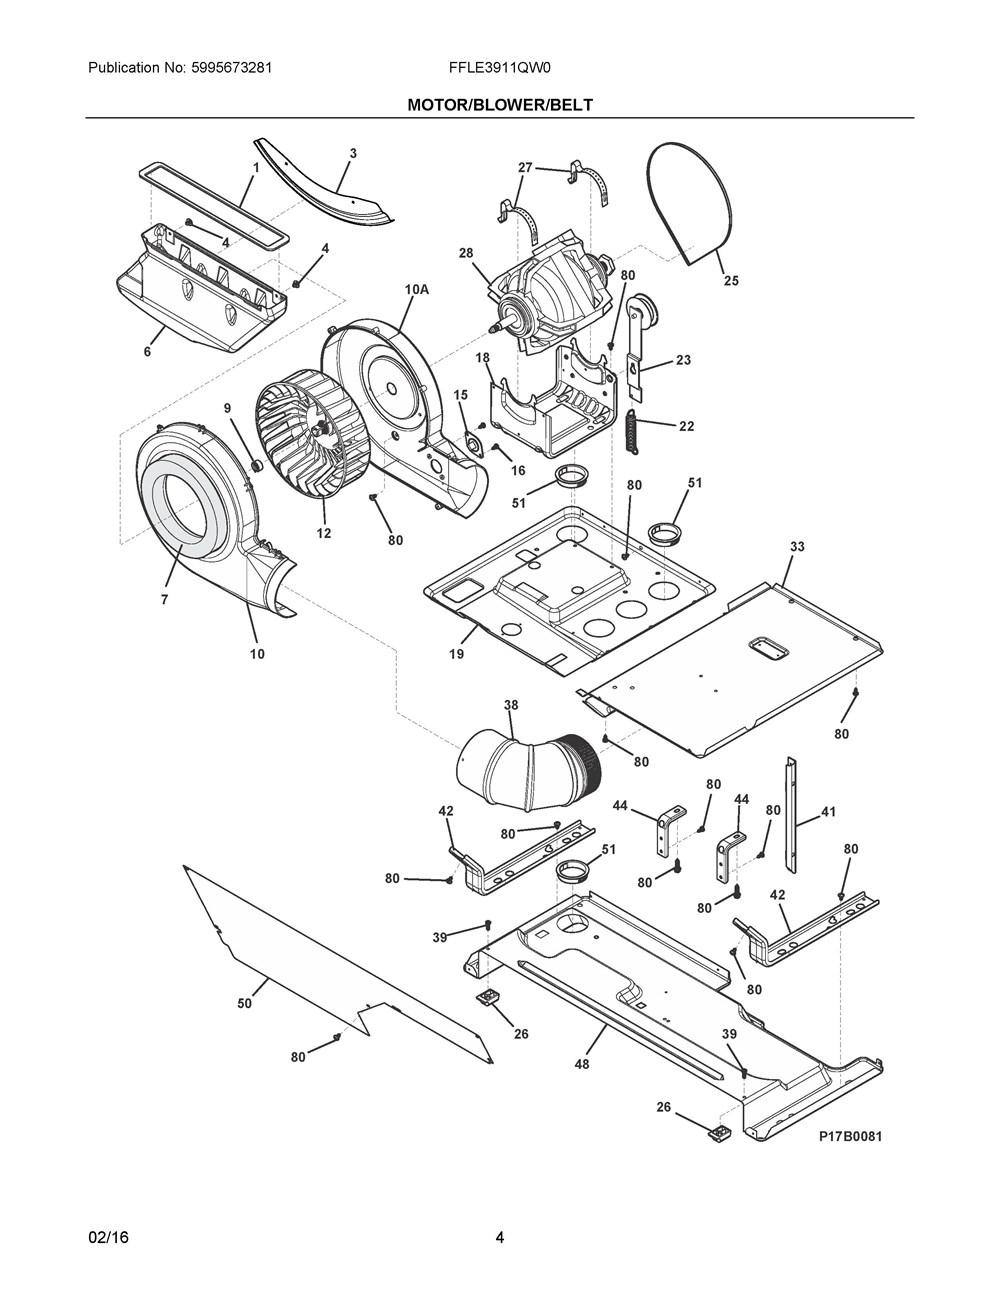 Ffle3911qw0 Frigidaire Company Dishwasher Wiring Code